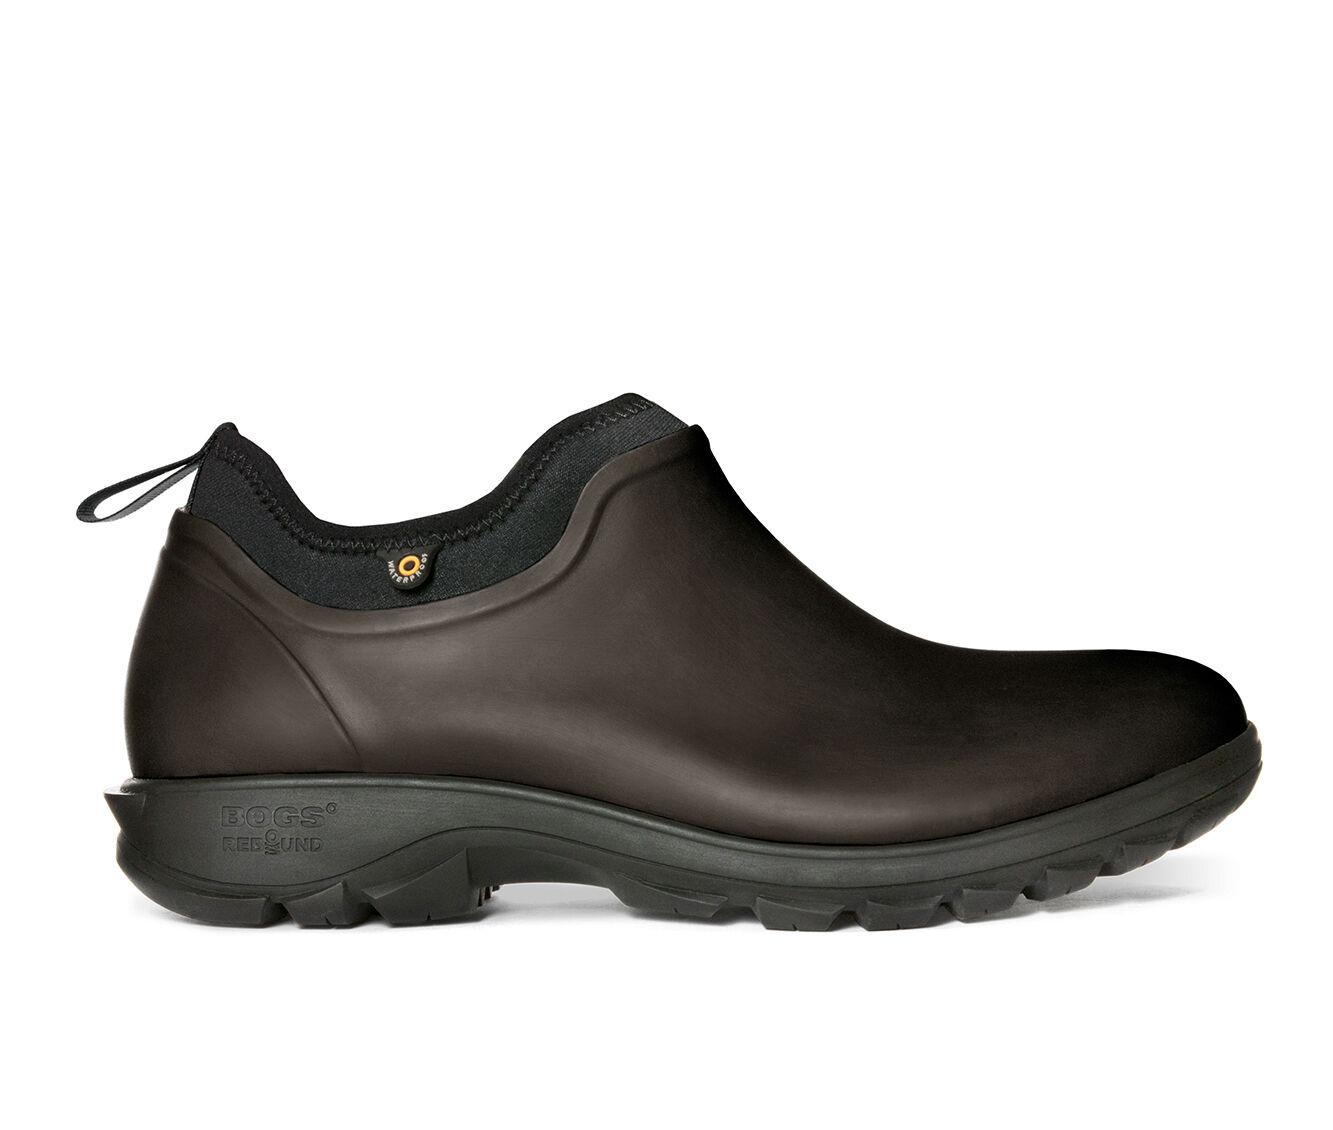 Men's Bogs Footwear Sauvie Slip On Slip Resistant Waterproof Safety Shoes DARK BROWN